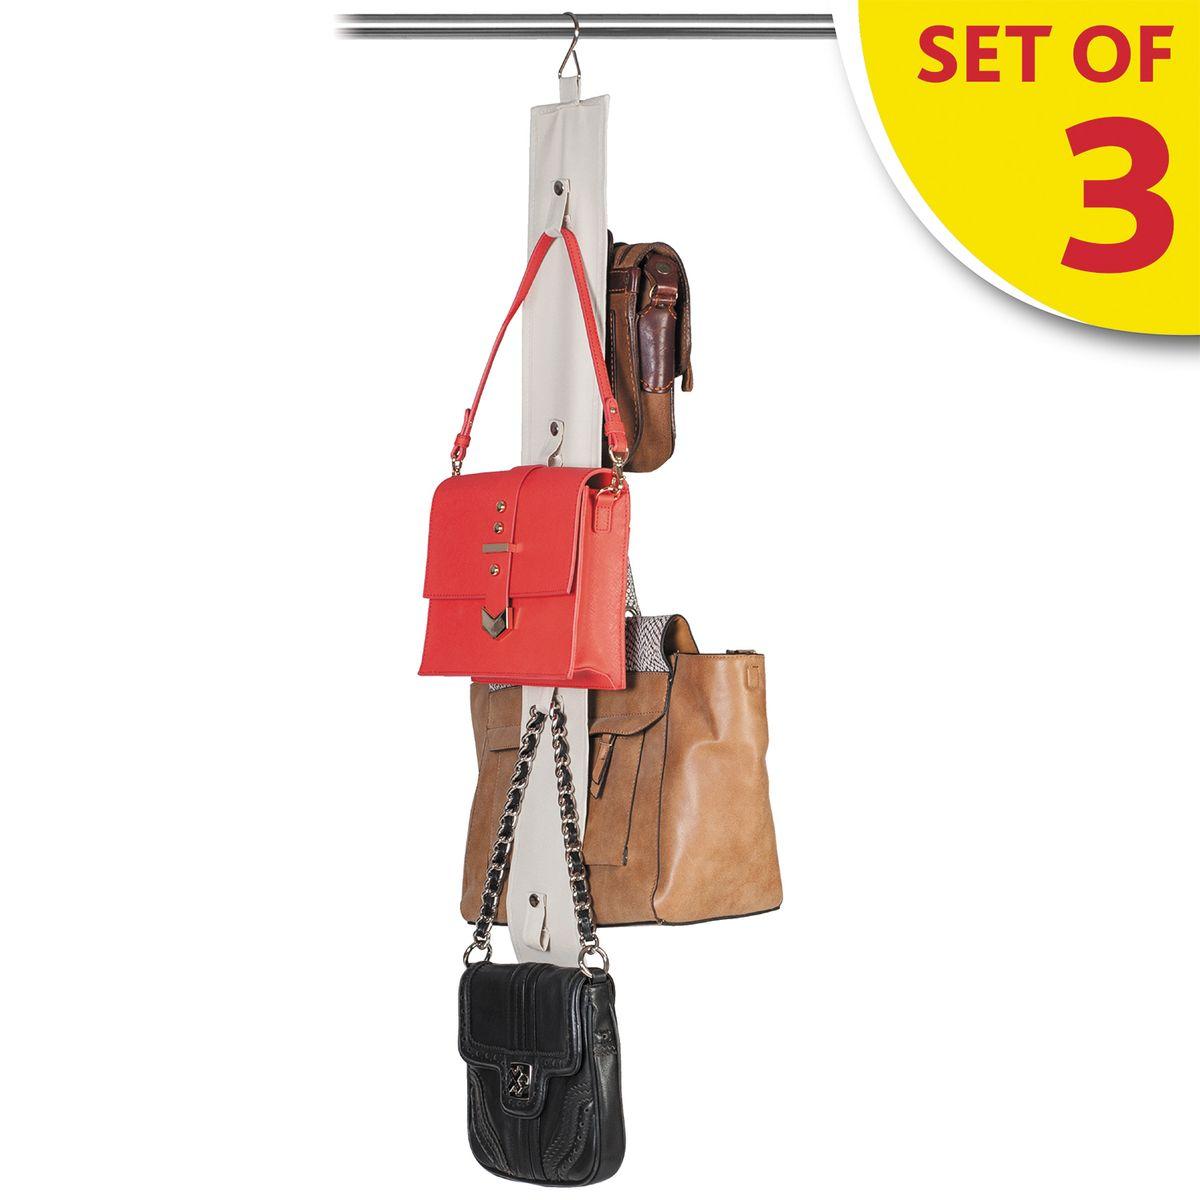 """Органайзер для хранения сумок в шкафу Tatkraft """"Roo"""" - двусторонняя лента с вешалкой и 8 ремнями-петлями на кнопках для хранения сумок, кепок, бижутерии. Компактное хранение, экономит место."""